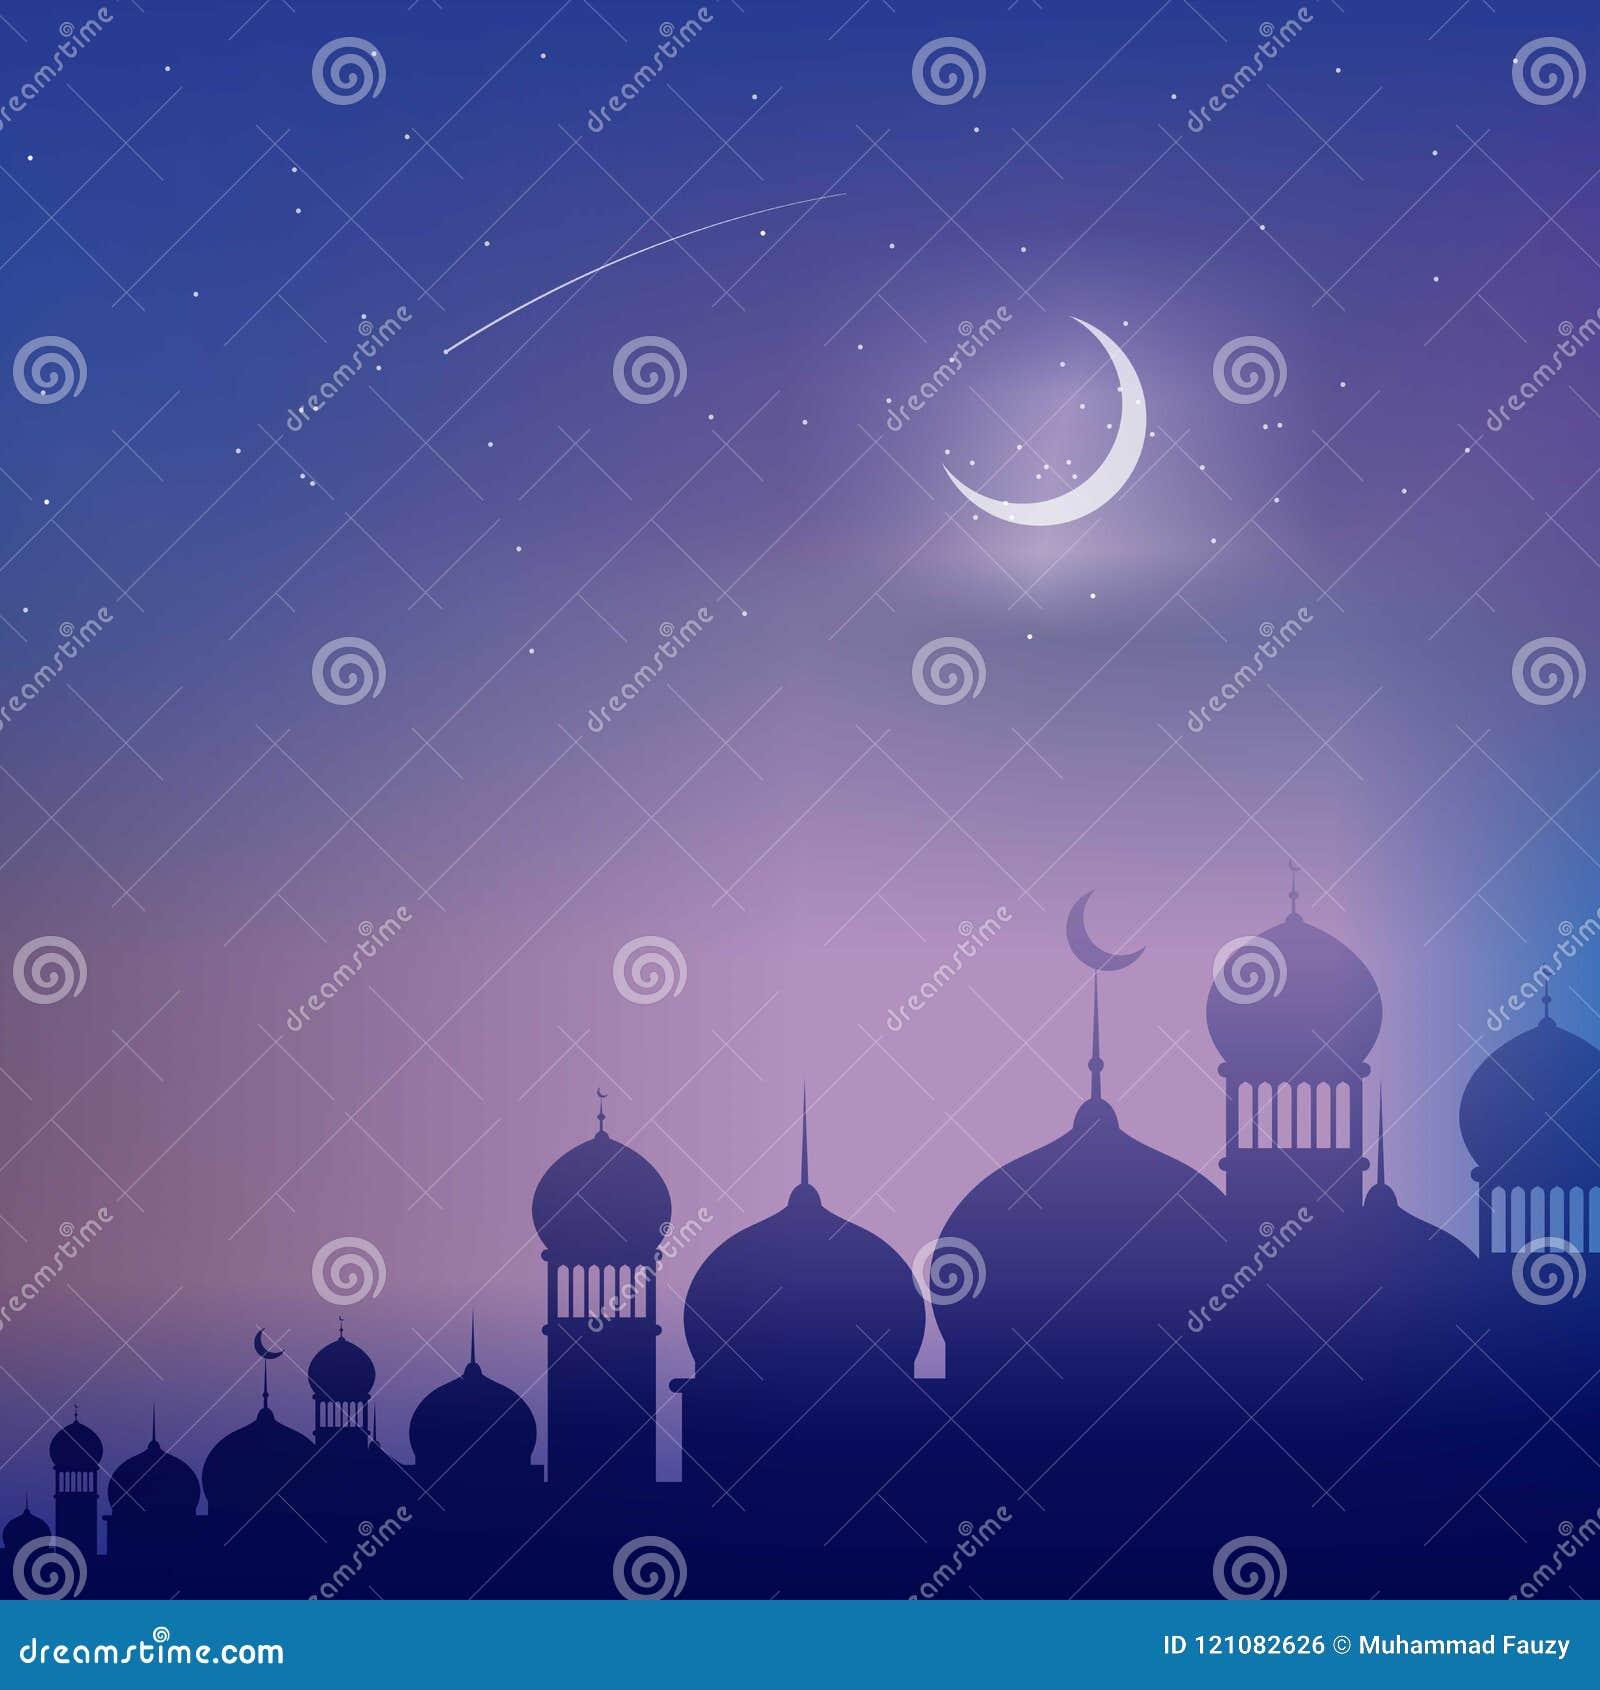 исламские картинки фото.